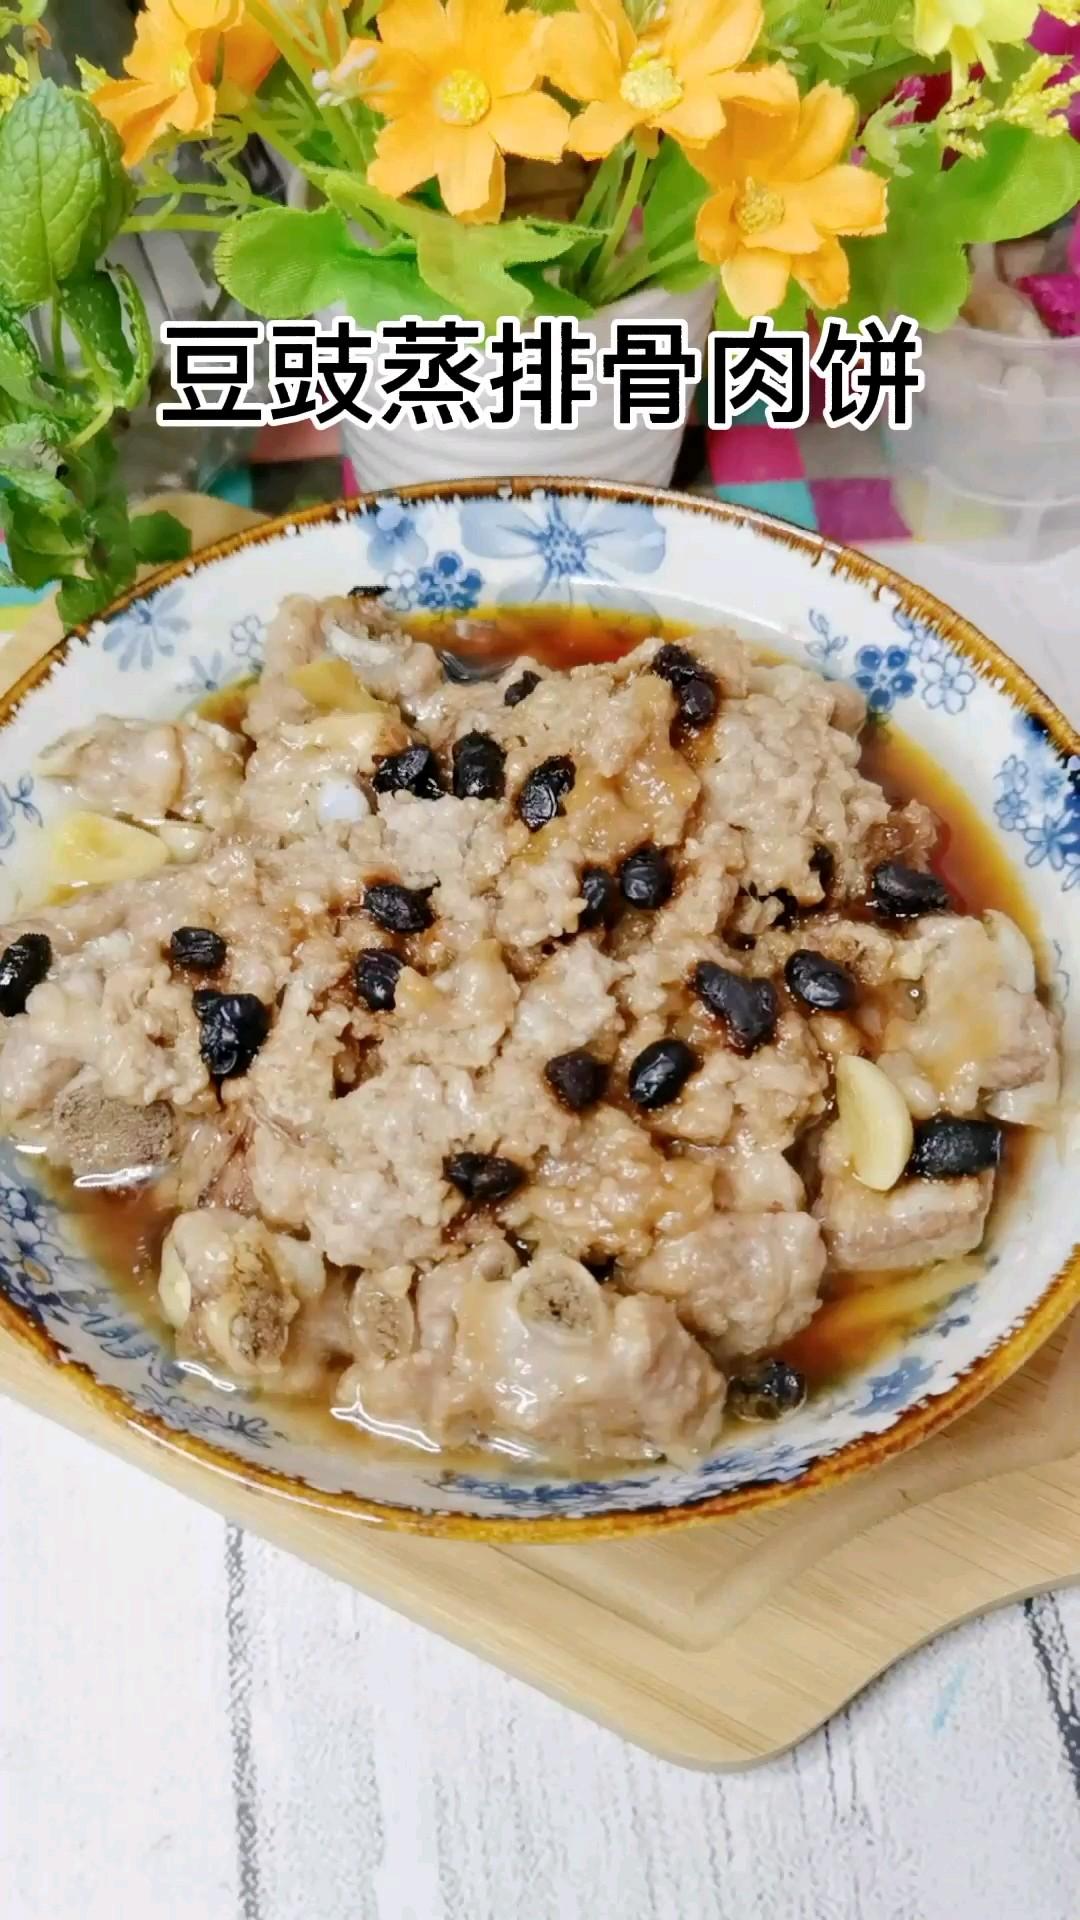 豆豉蒸排骨肉饼